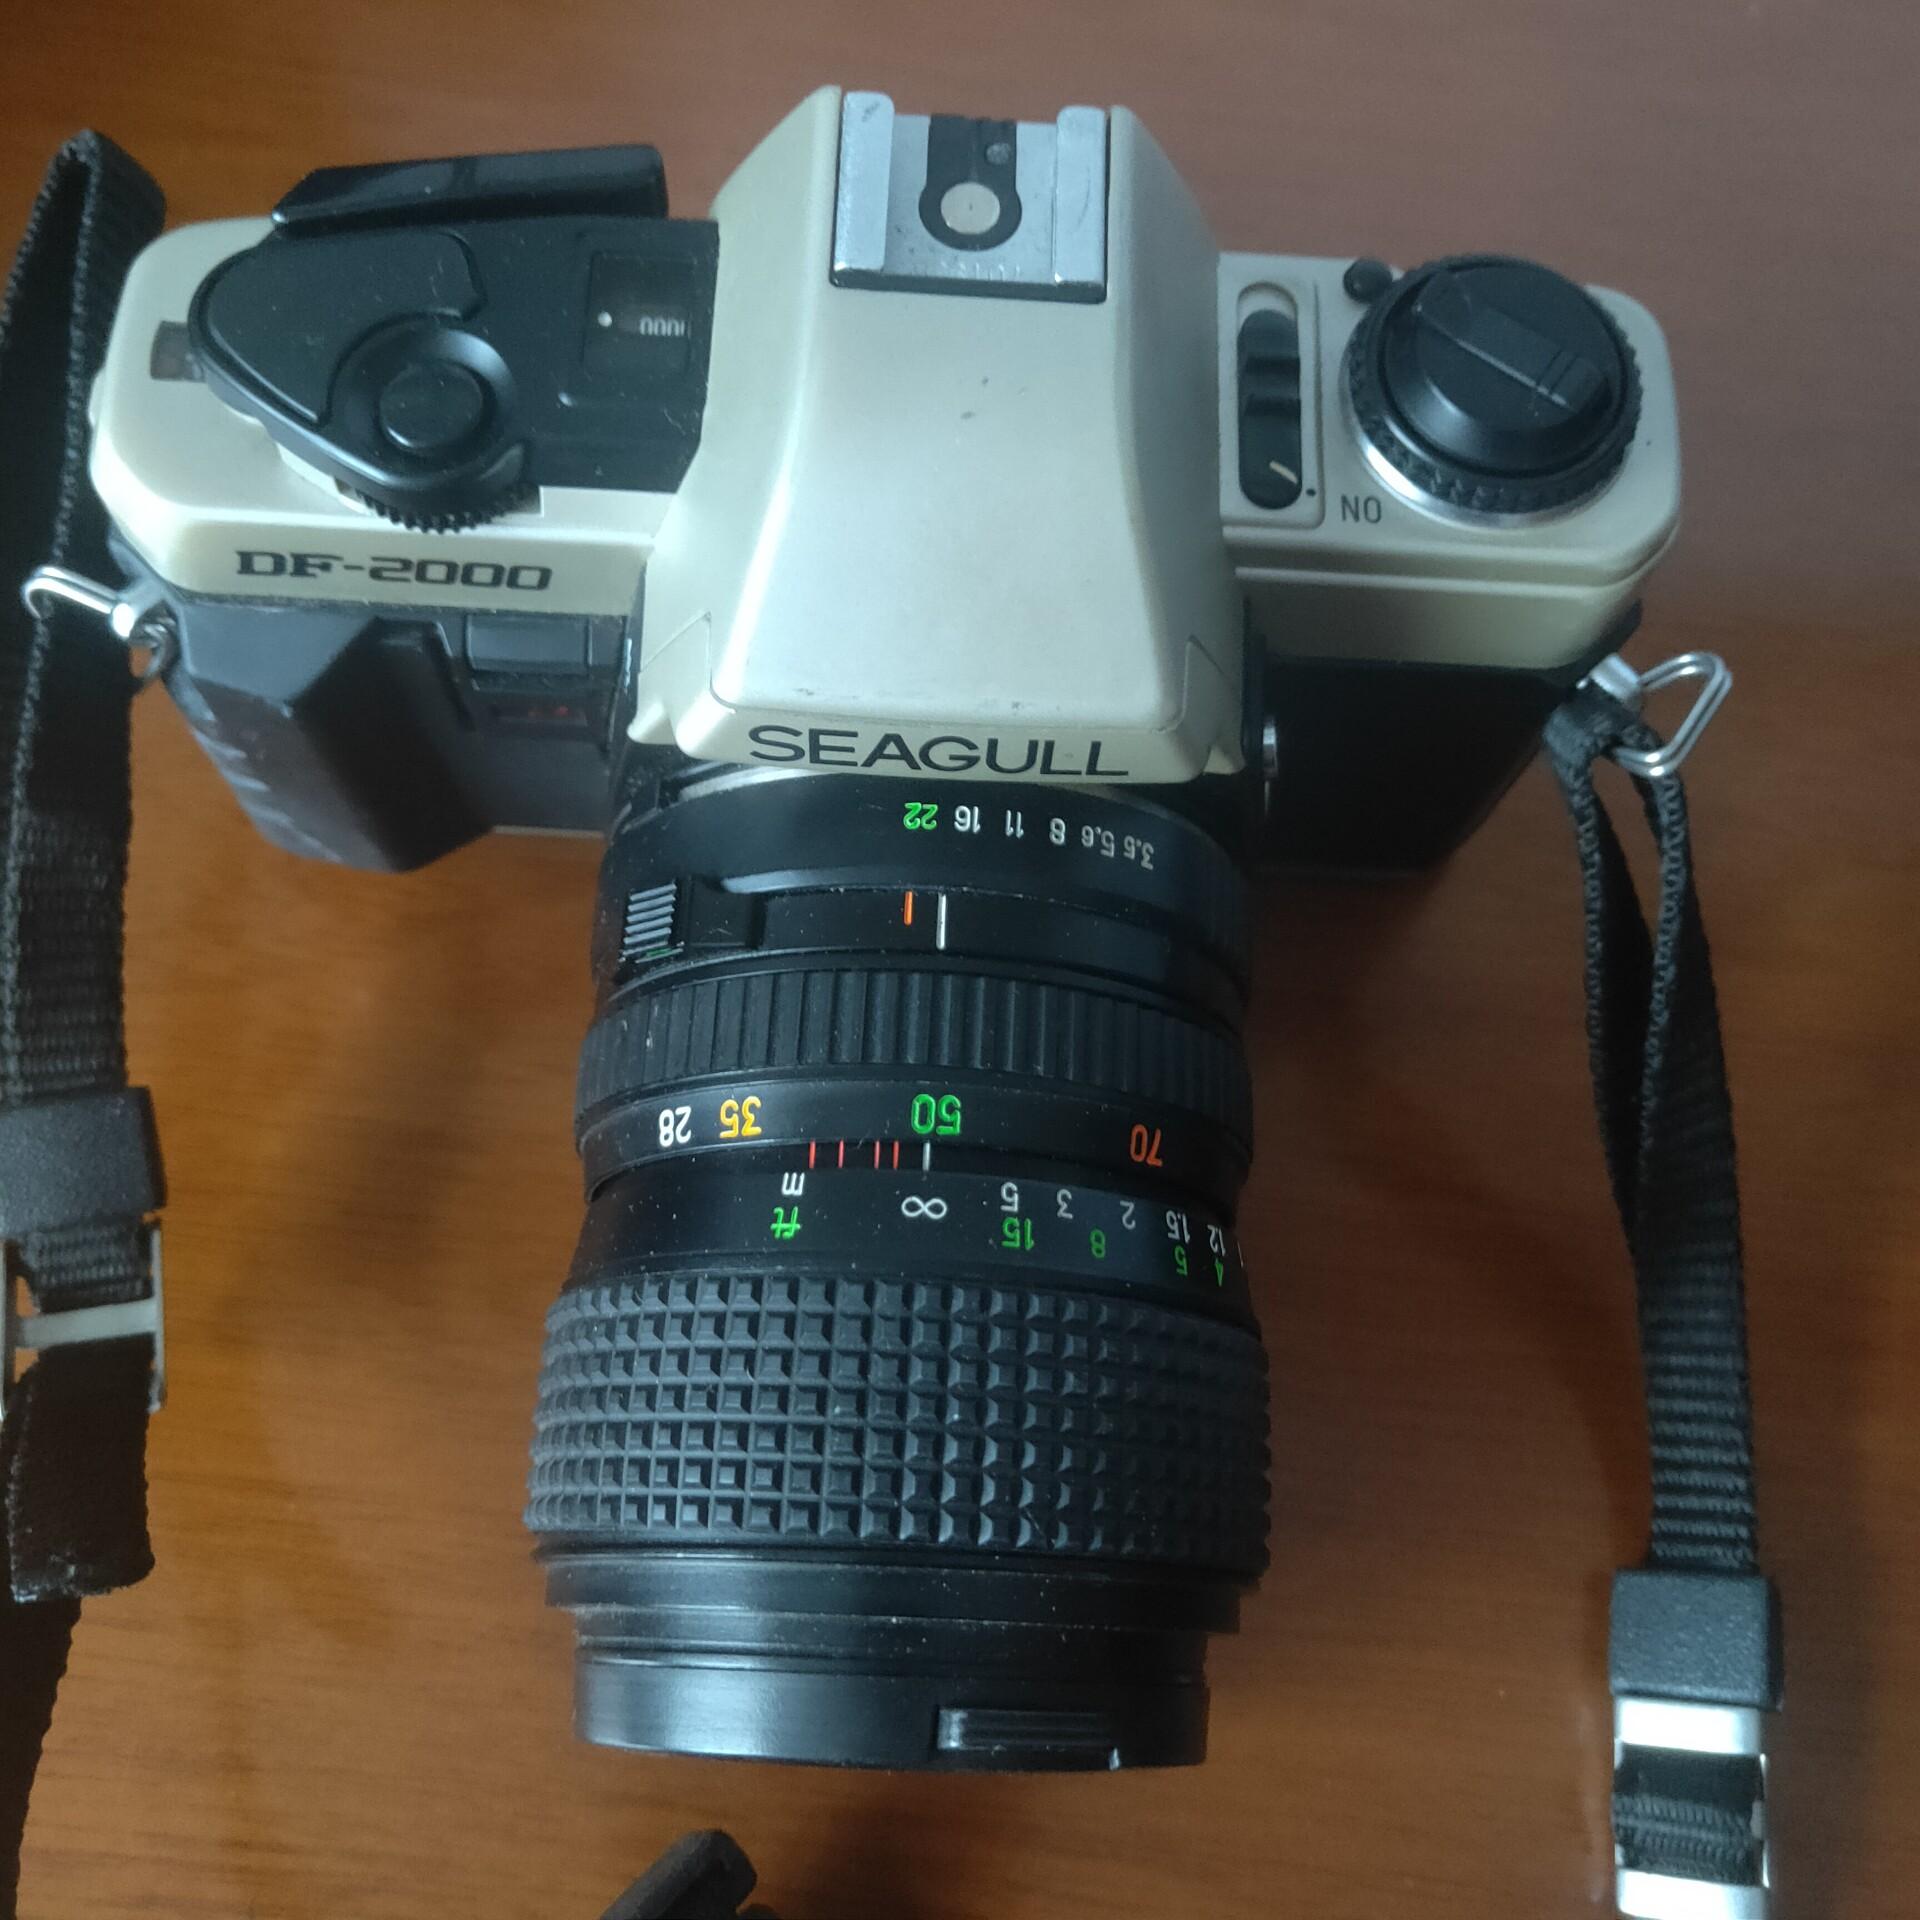 海鸥胶卷相机DF–2000品相完好,朋友送的机器,我不会玩,